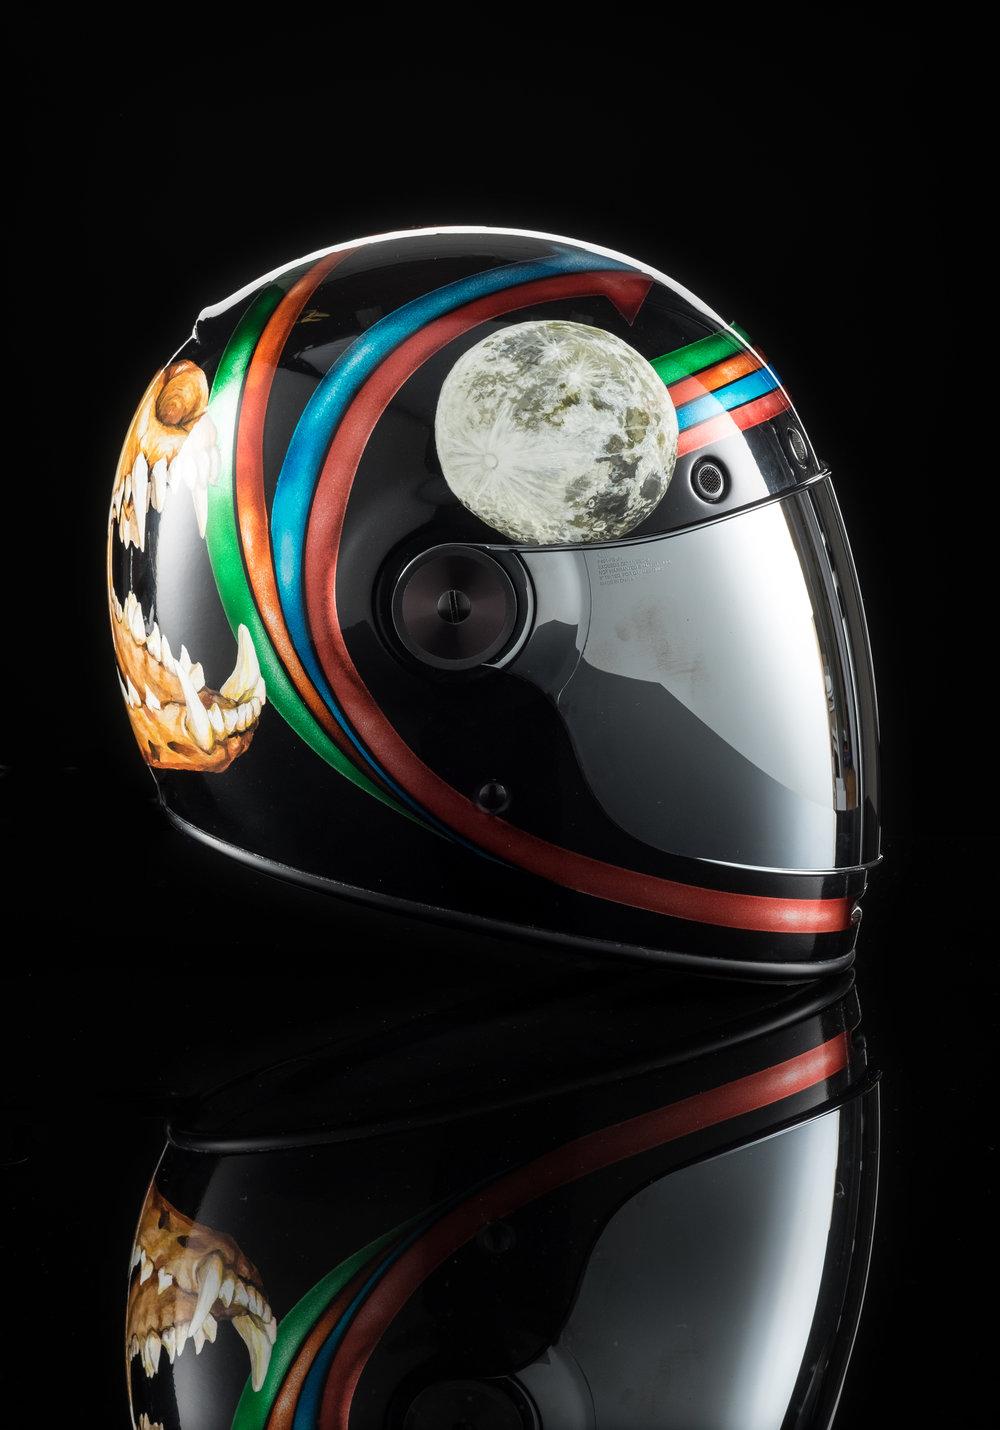 21-helmets-p-farrell-7818.jpg